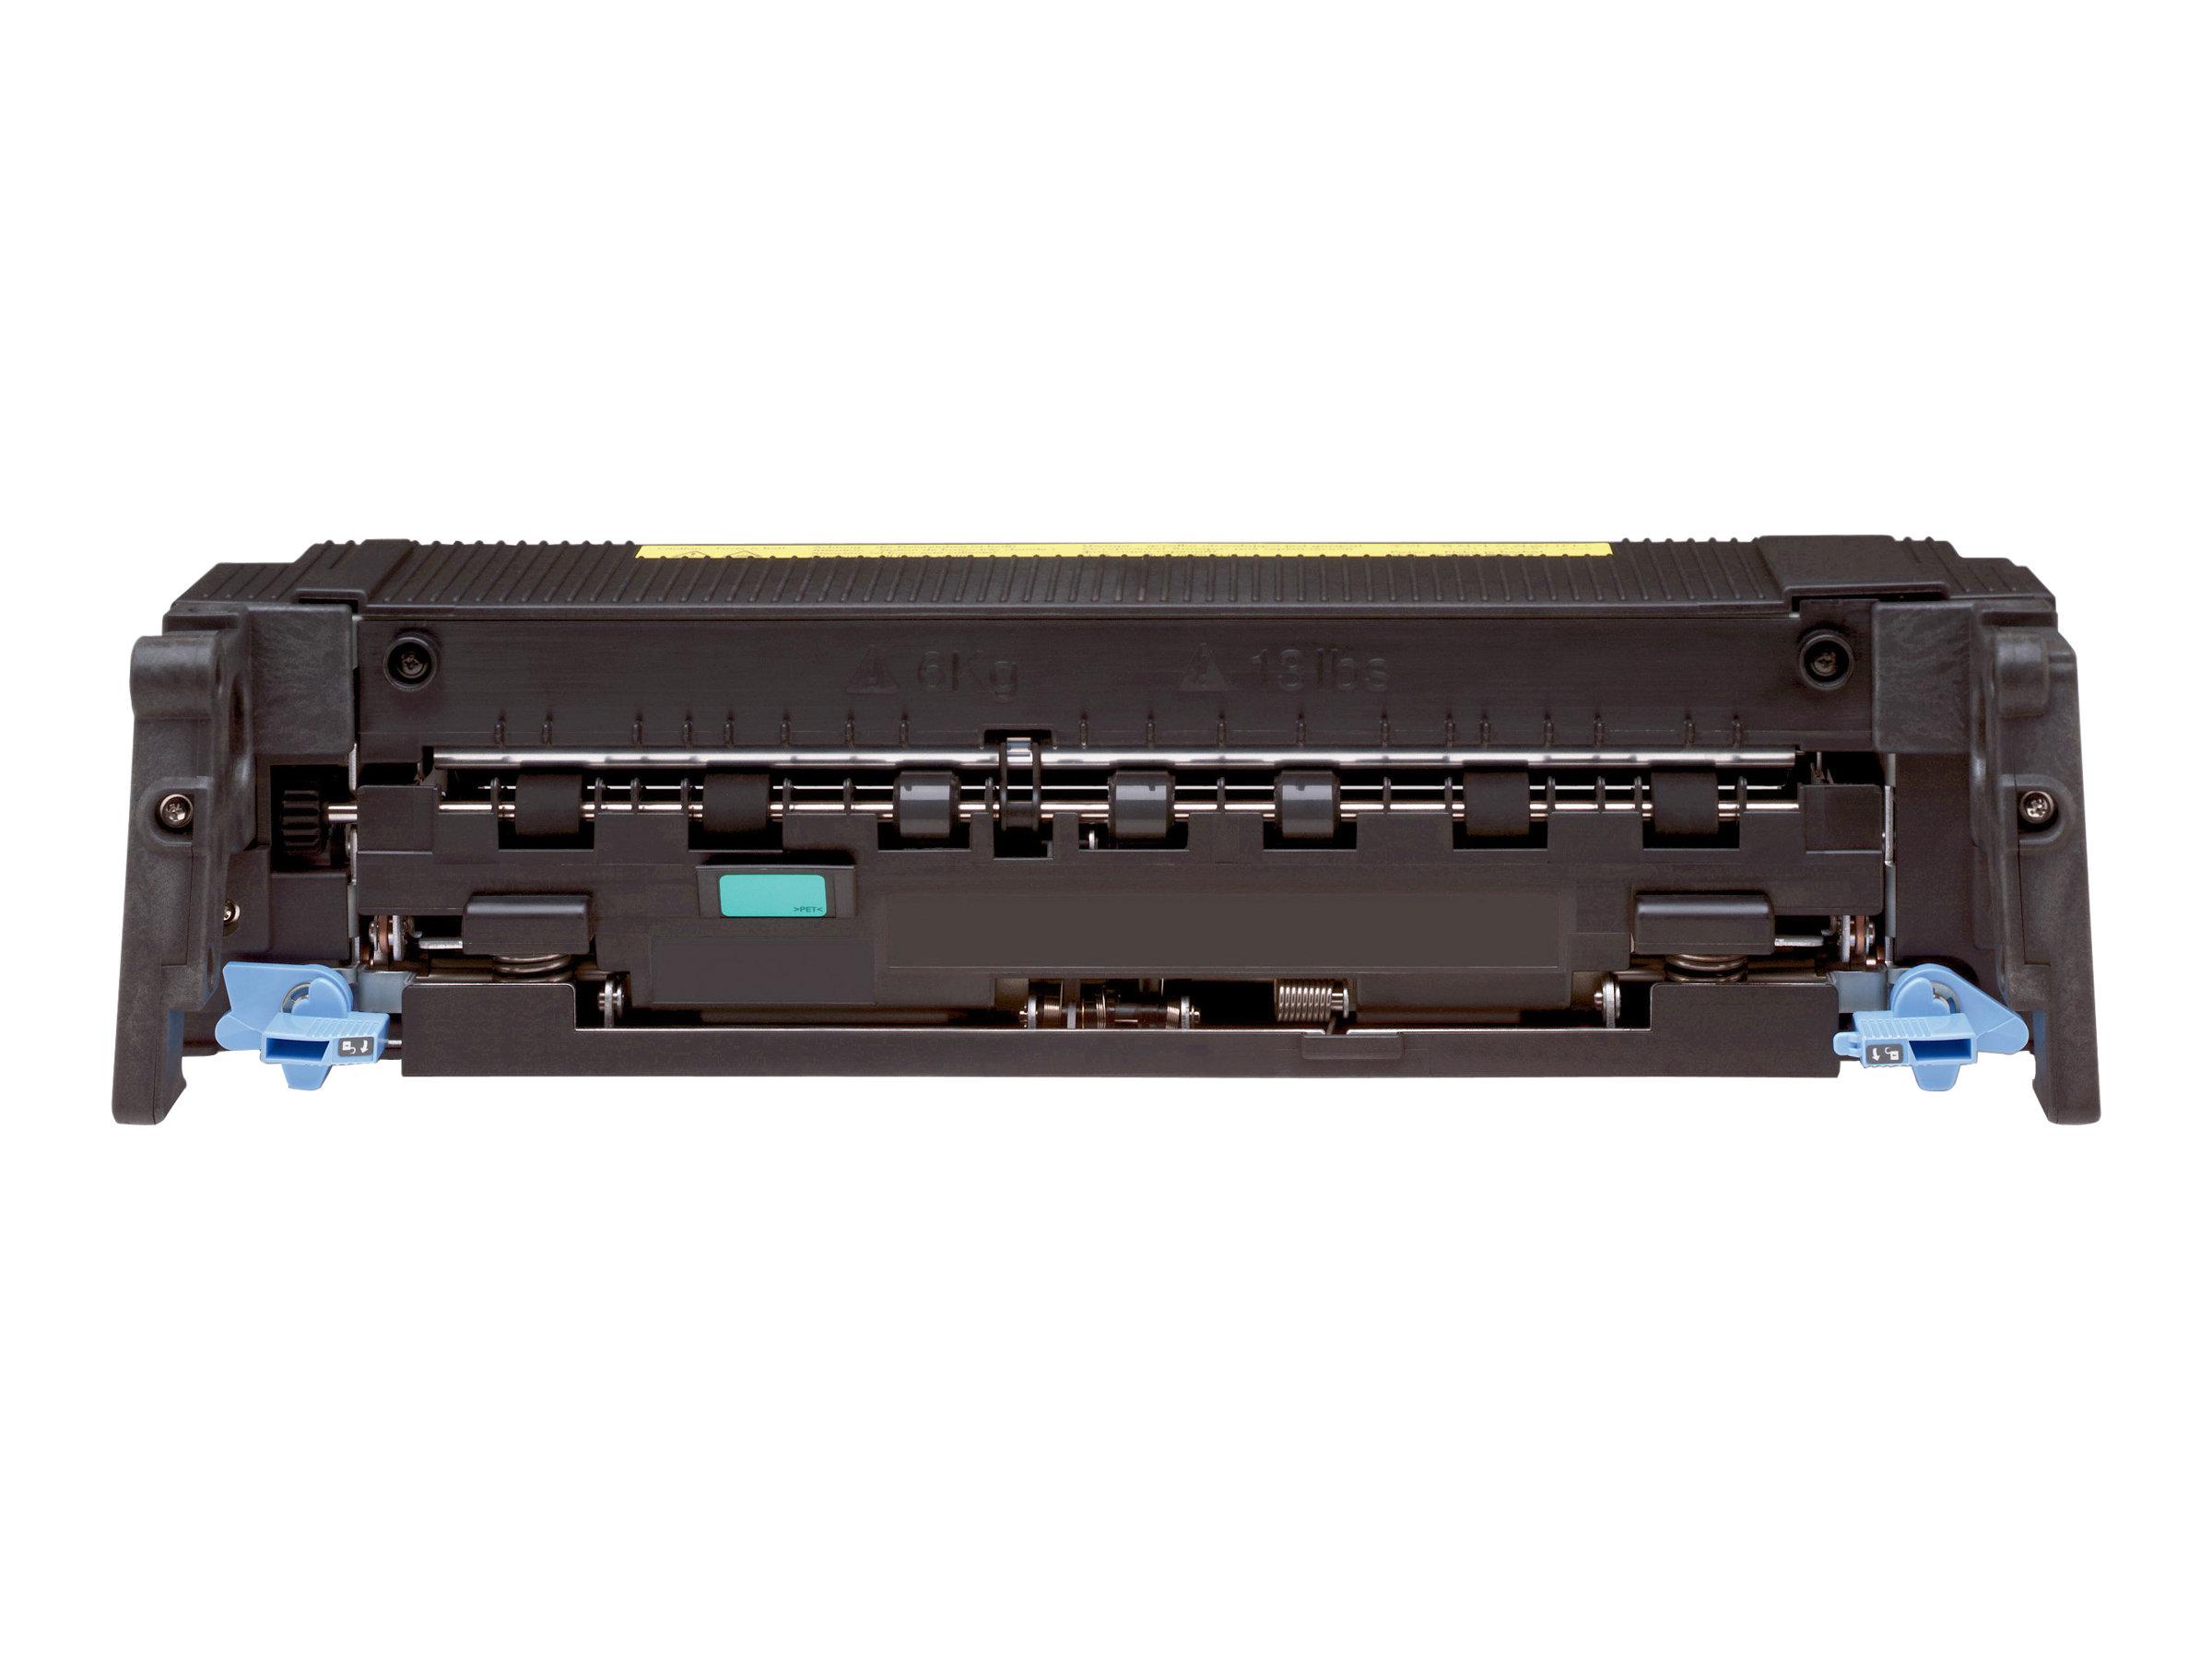 HP - (110/220 V) - Kit für Fixiereinheit - für Color LaserJet 9500gp, 9500hdn, 9500mfp, 9500n